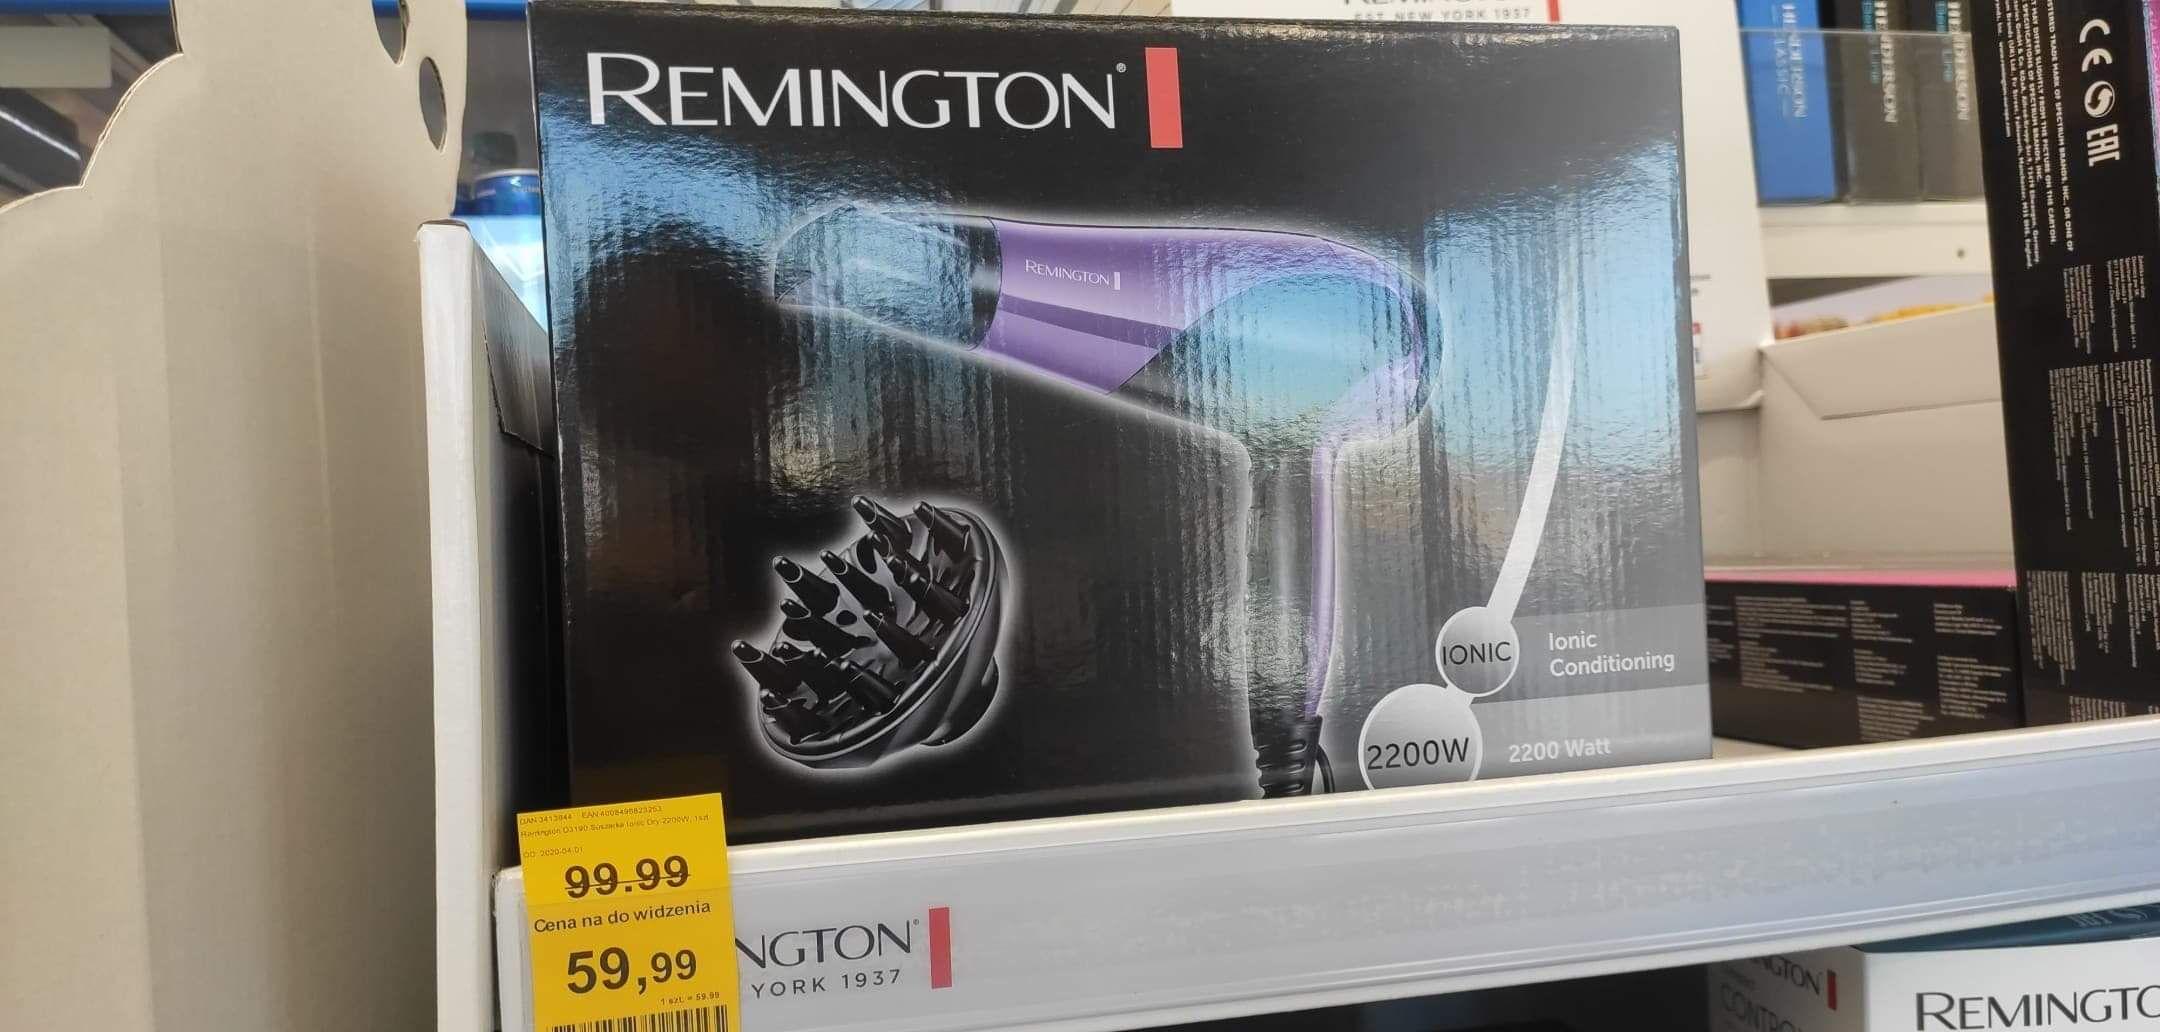 Suszarka do włosów Remington Ionic Dry 2200 - Rossmann